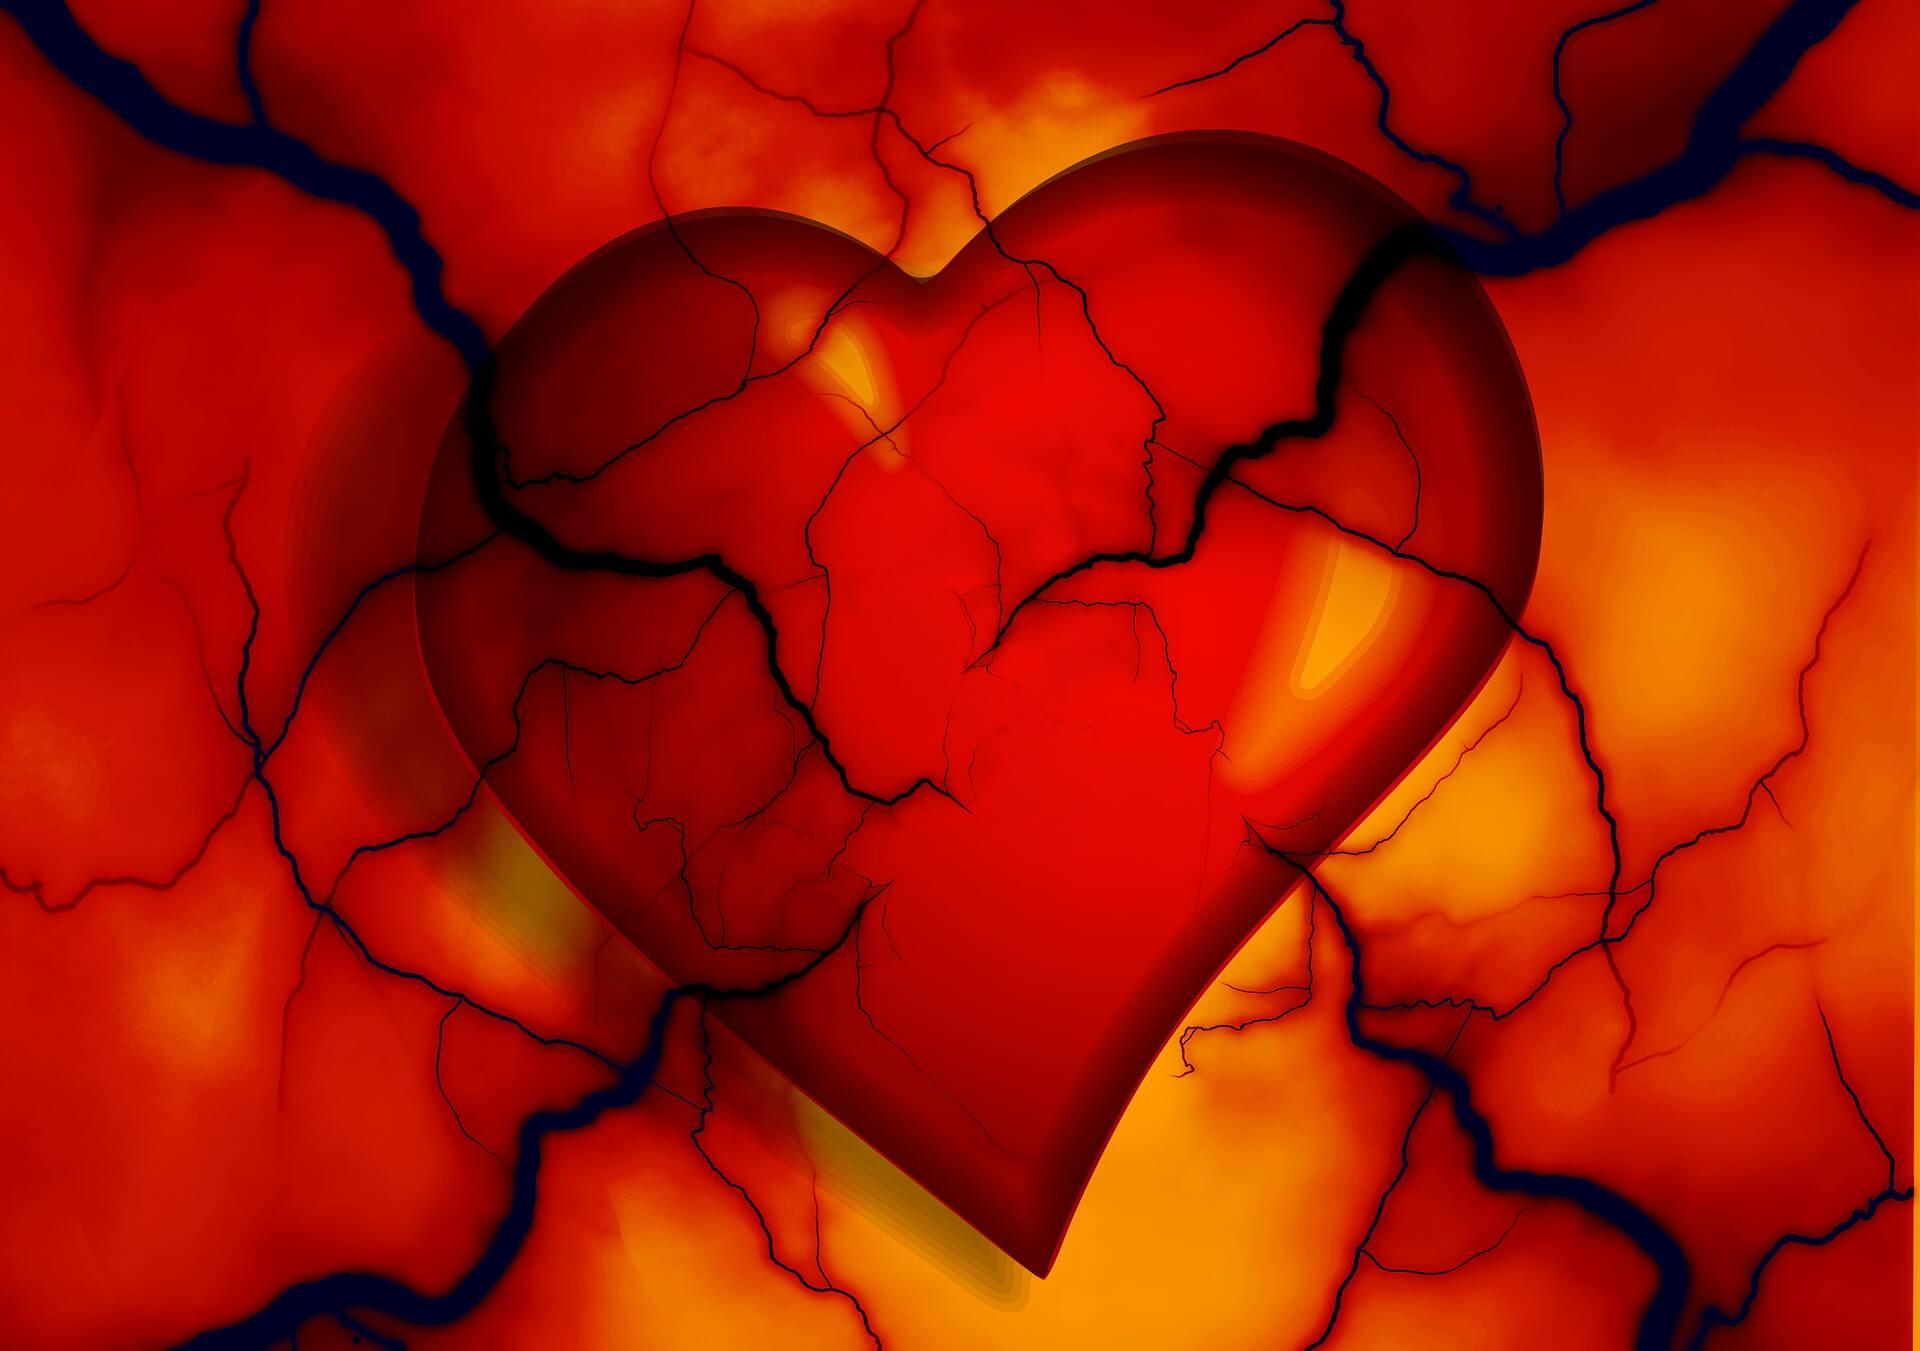 coeur 1 Long Long Life cardiovasculaires vieillissement santé longévité